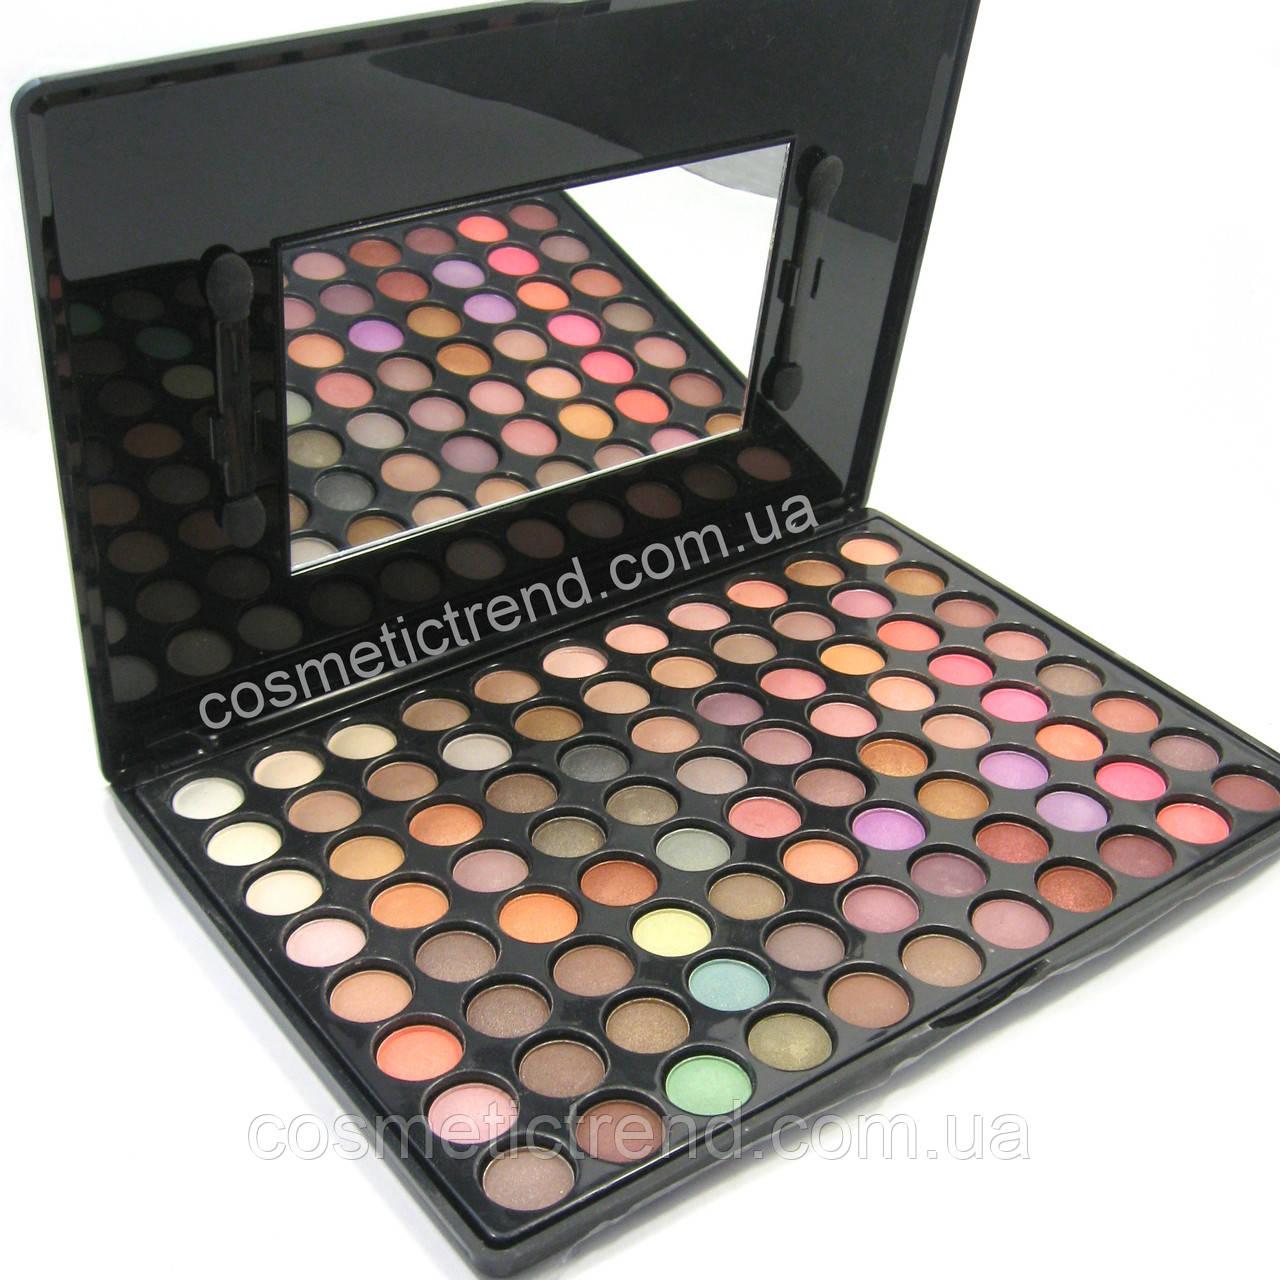 Палитра теней для макияжа глаз профессиональная 88Р05 (88 цветов)